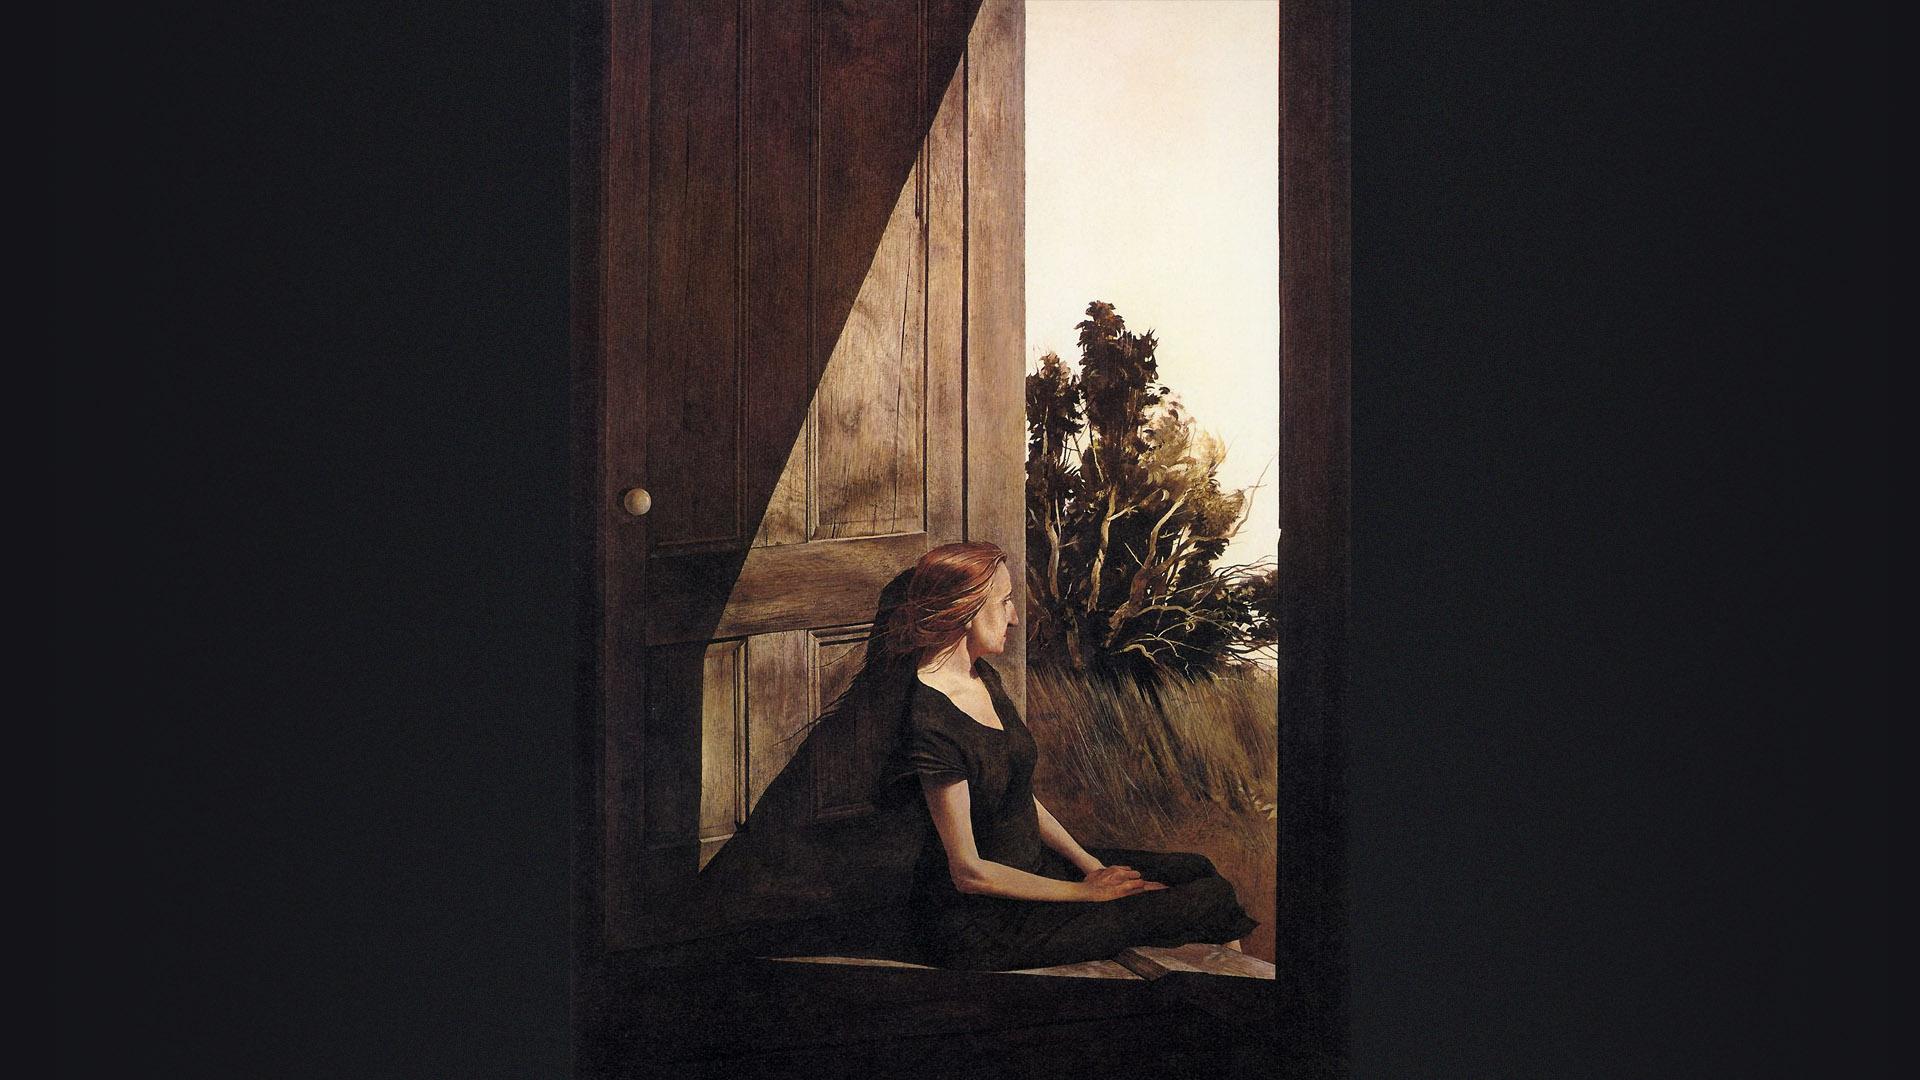 アンドリュー・ワイエス andrew wyeth - christina olson 1920x1080